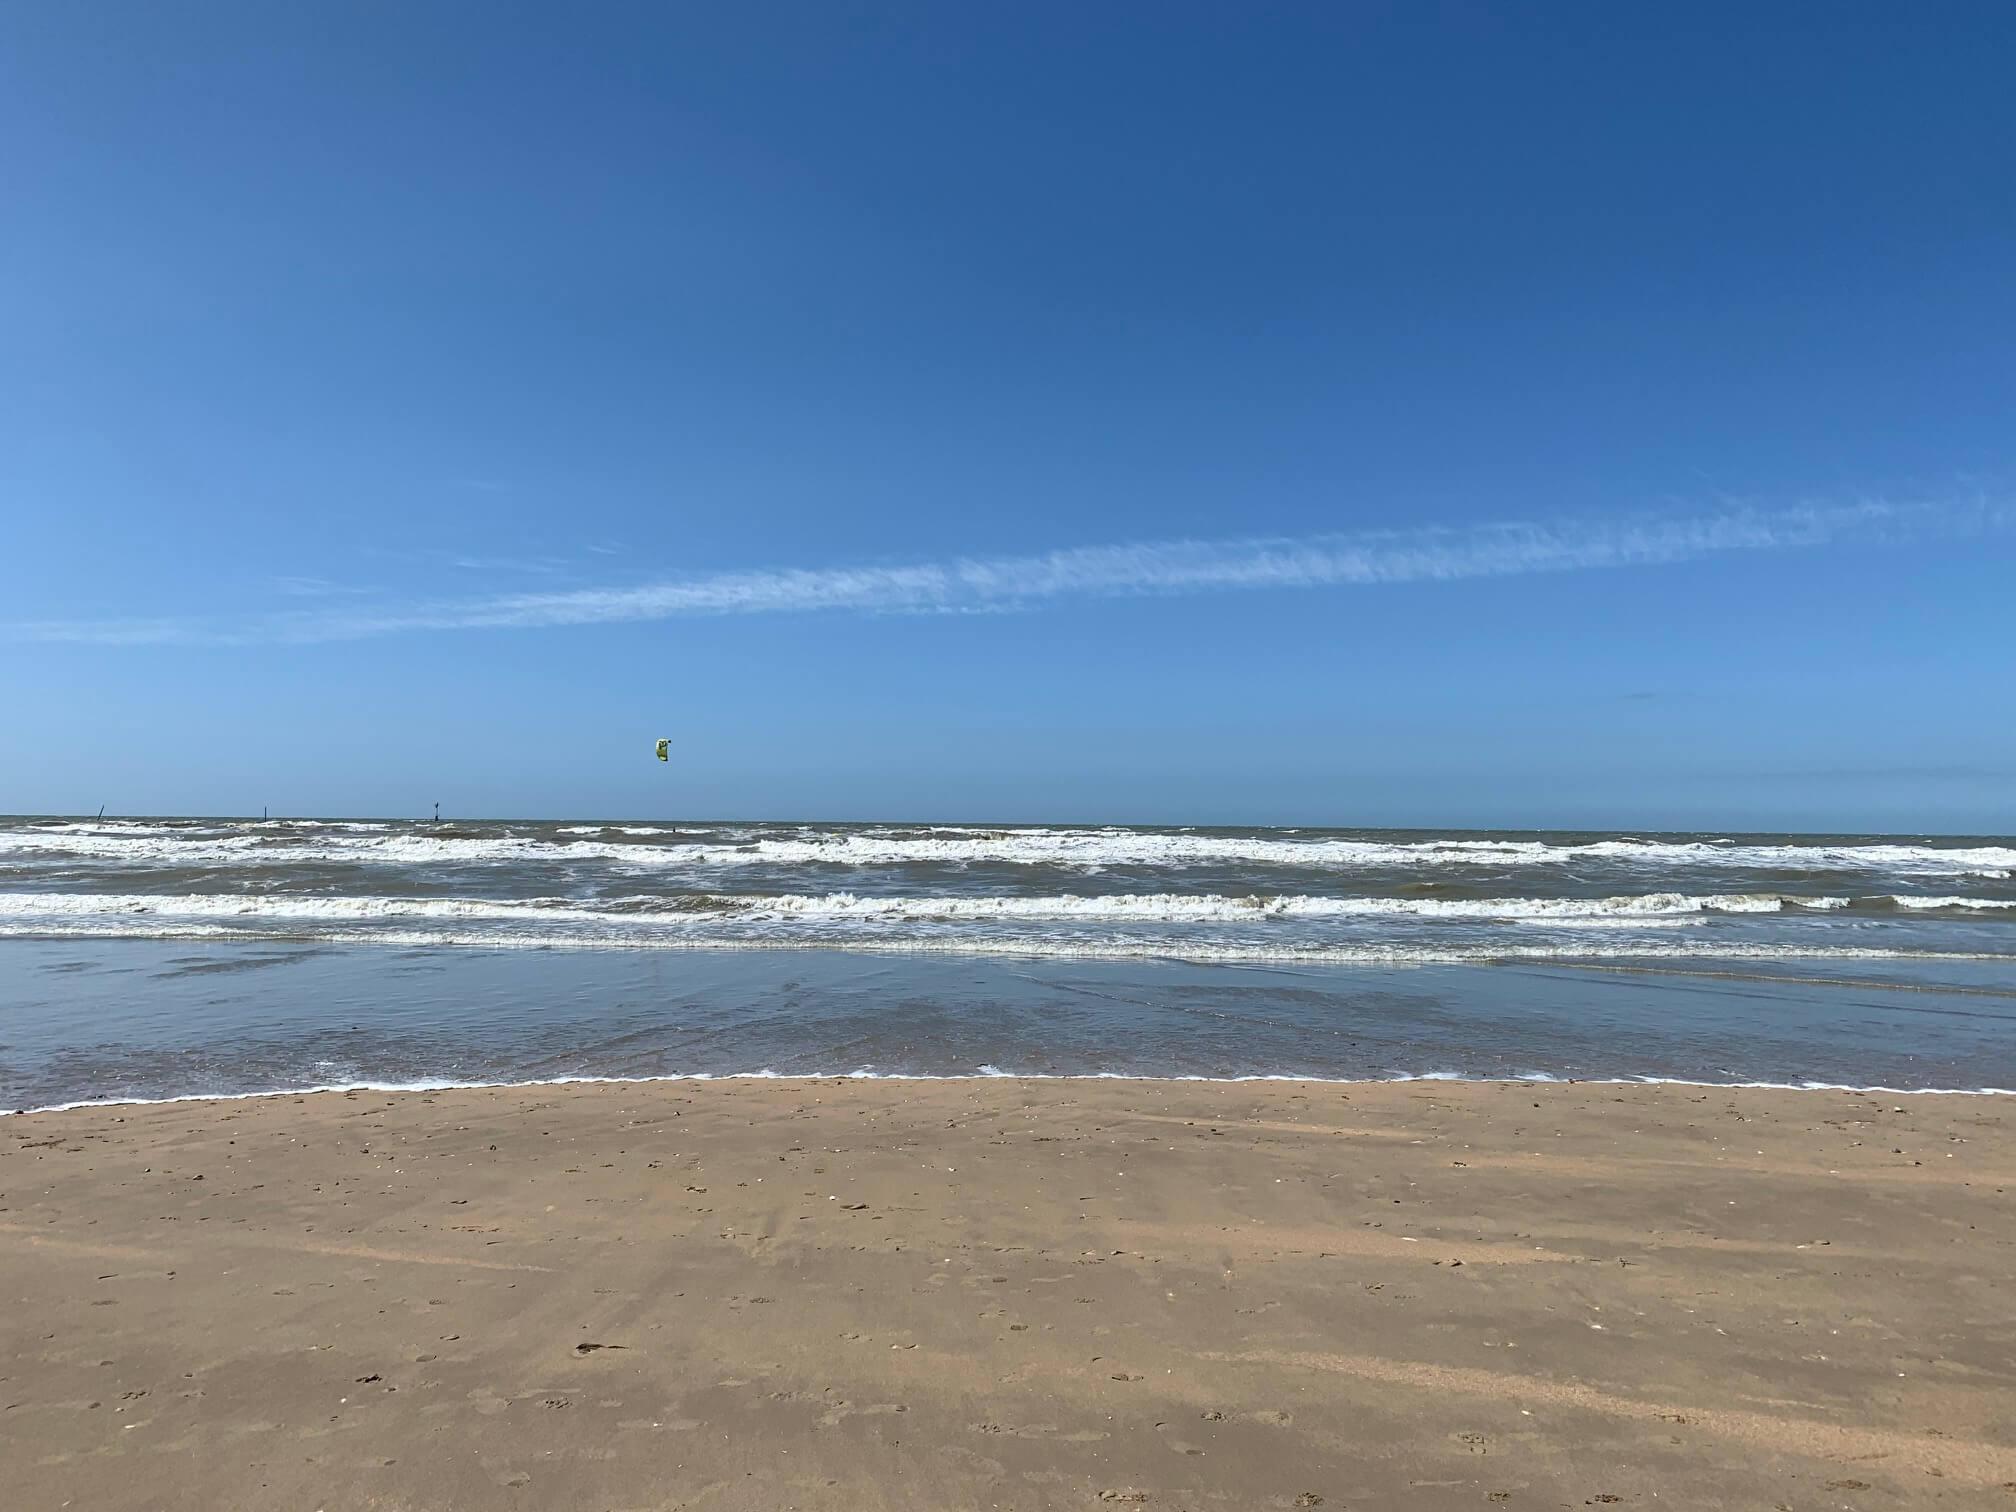 滞仏日記「田舎で暮らしだしたぼくが、荒れた海を歩きながら考えた世界のこと」